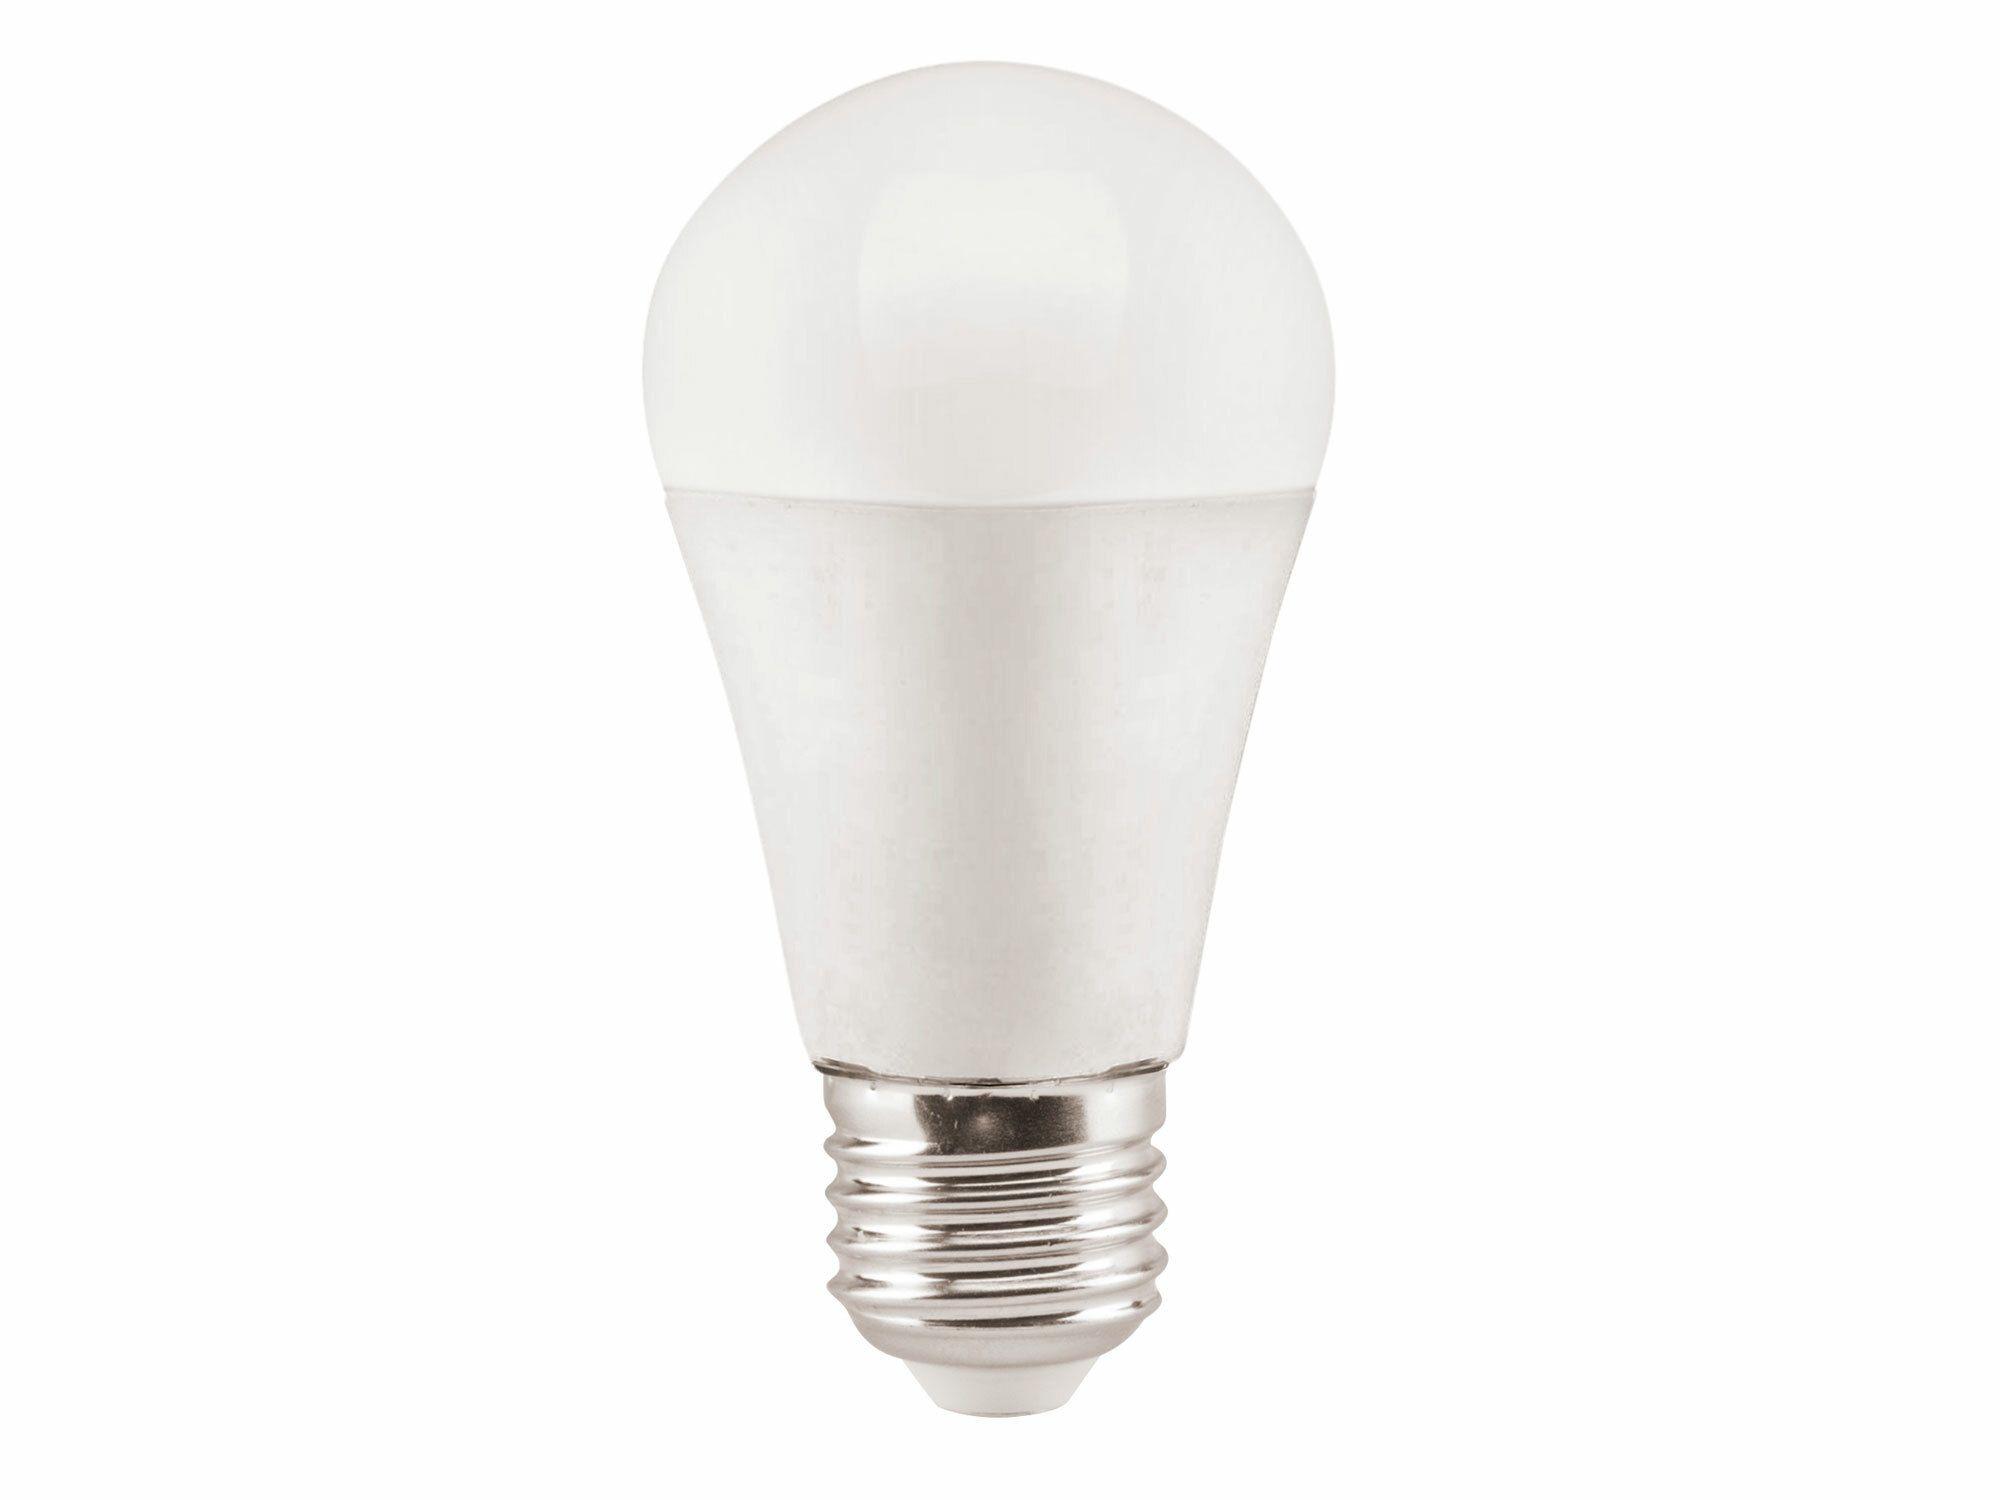 Žárovka LED klasická, 12W, 1055lm, E27, teplá bílá EXTOL-LIGHT